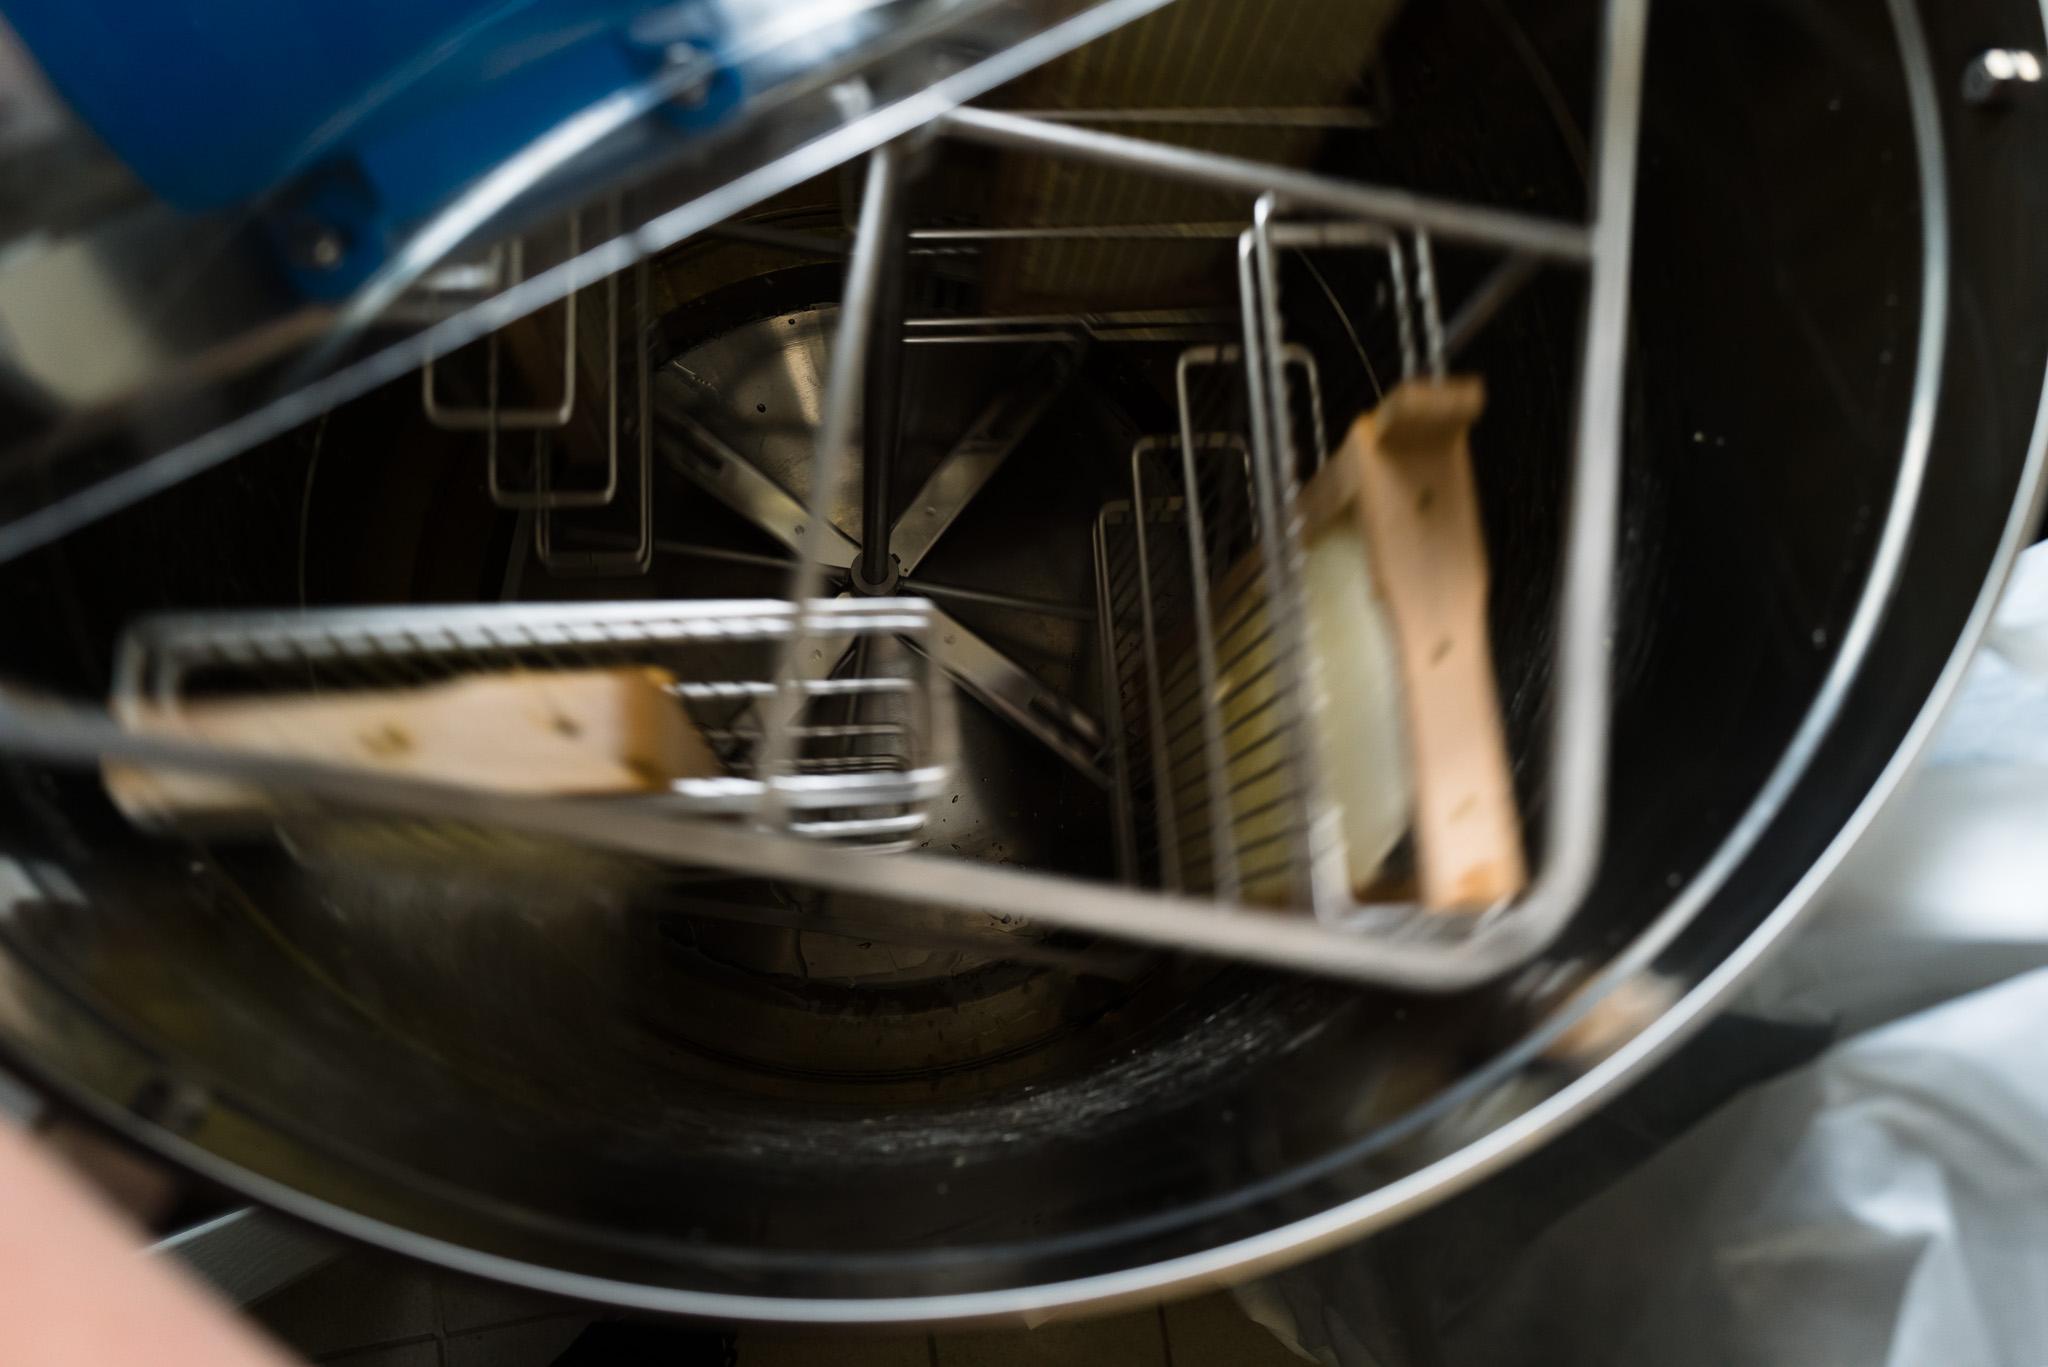 Imker - In der Honigschleuder